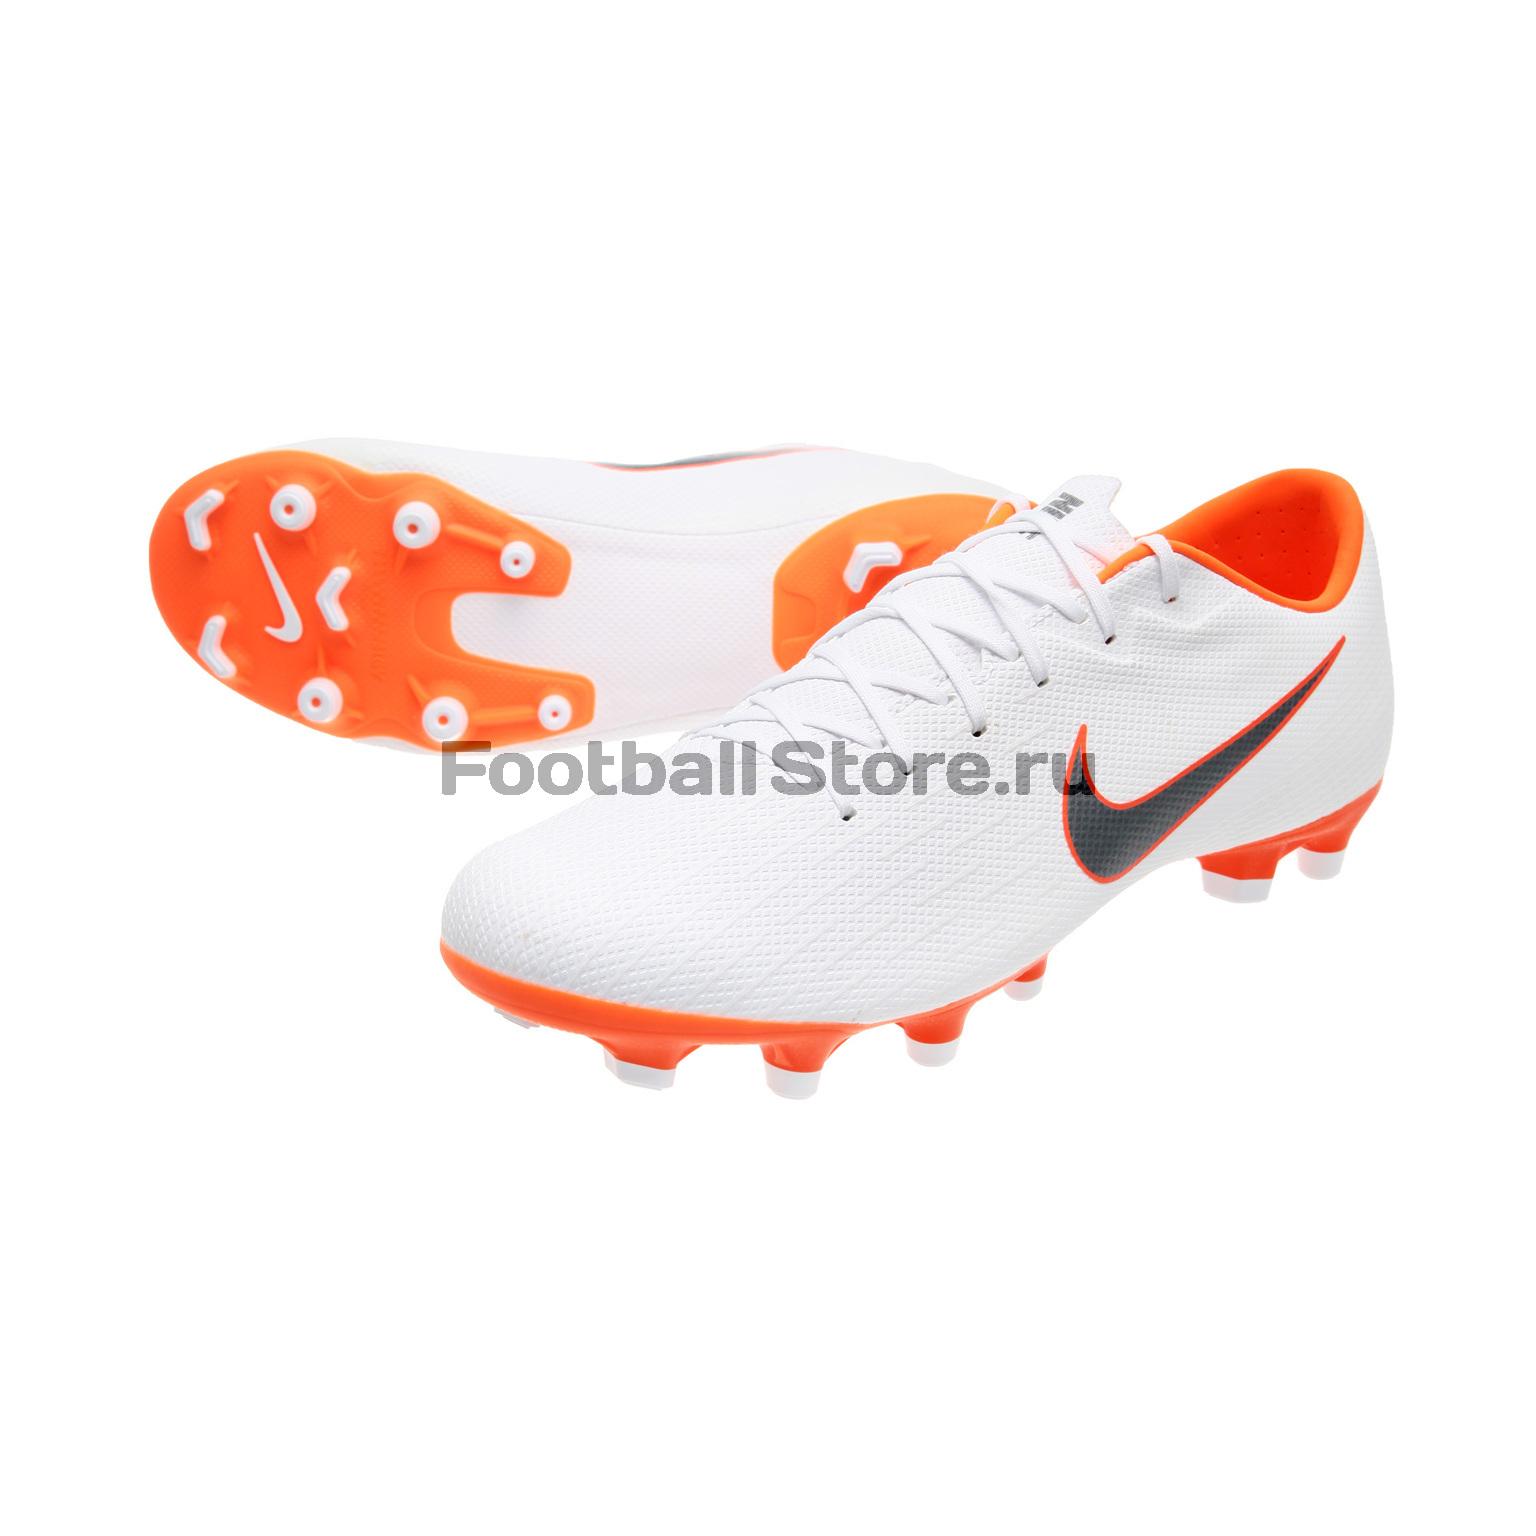 Бутсы Nike Vapor 12 Academy FG/MG AH7375-107 бутсы детские nike vapor 12 academy gs fg mg ah7347 060